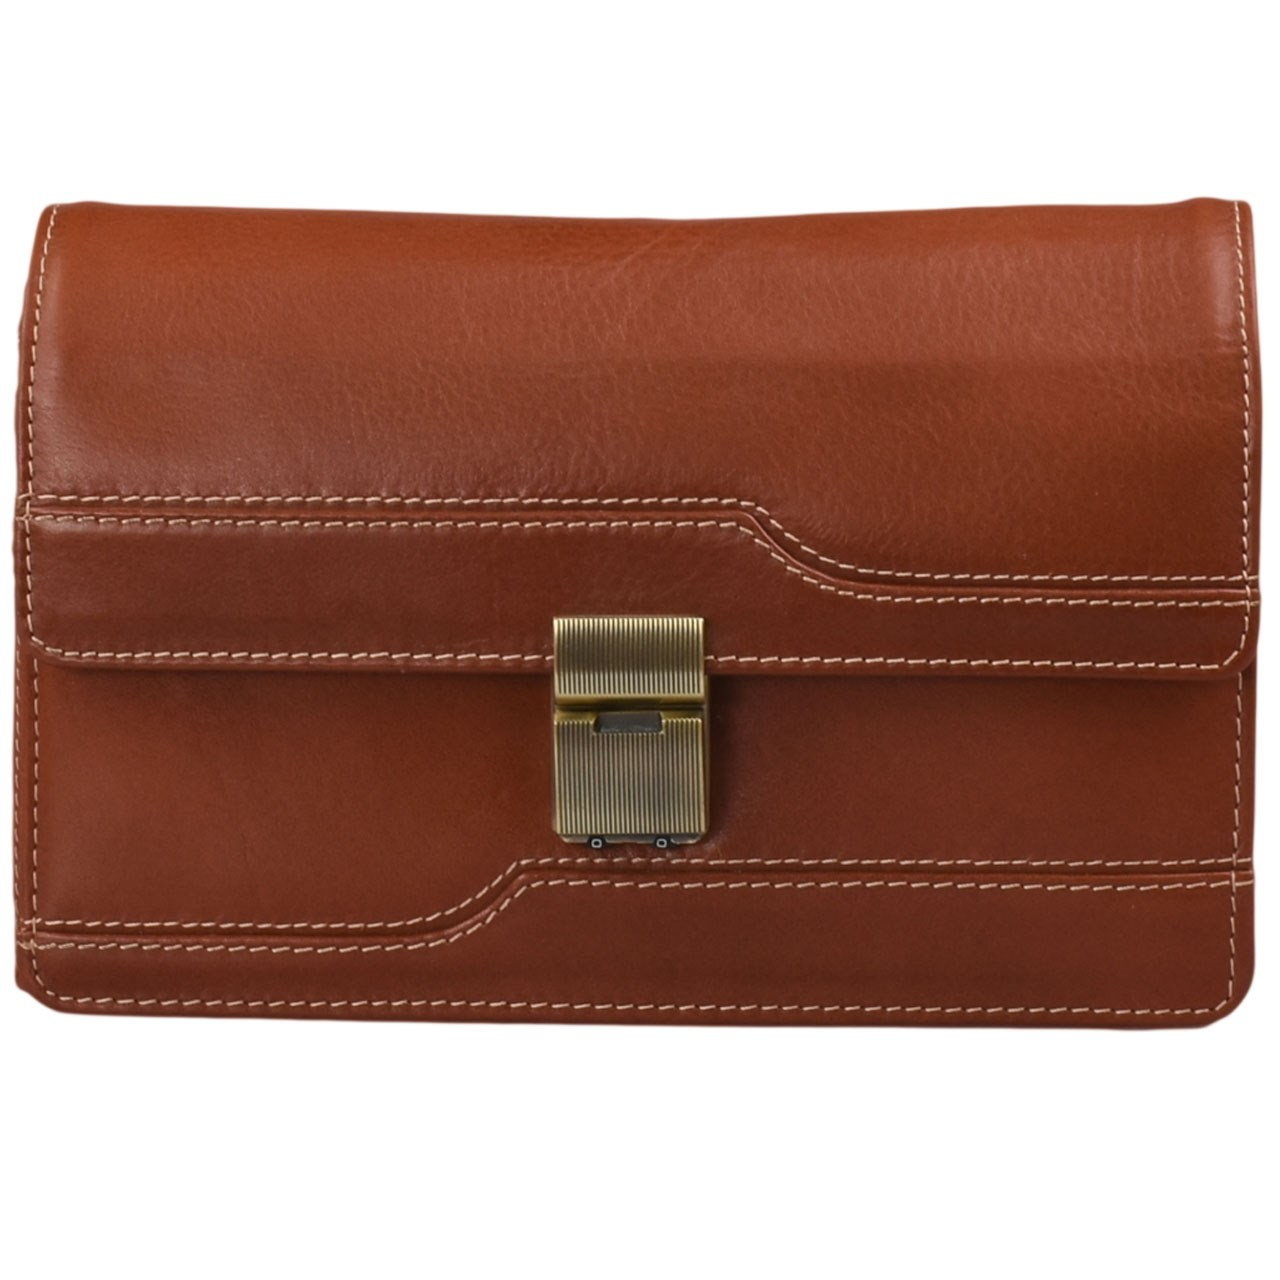 کیف دستی چرم طبیعی کهن چرم مدل DB33